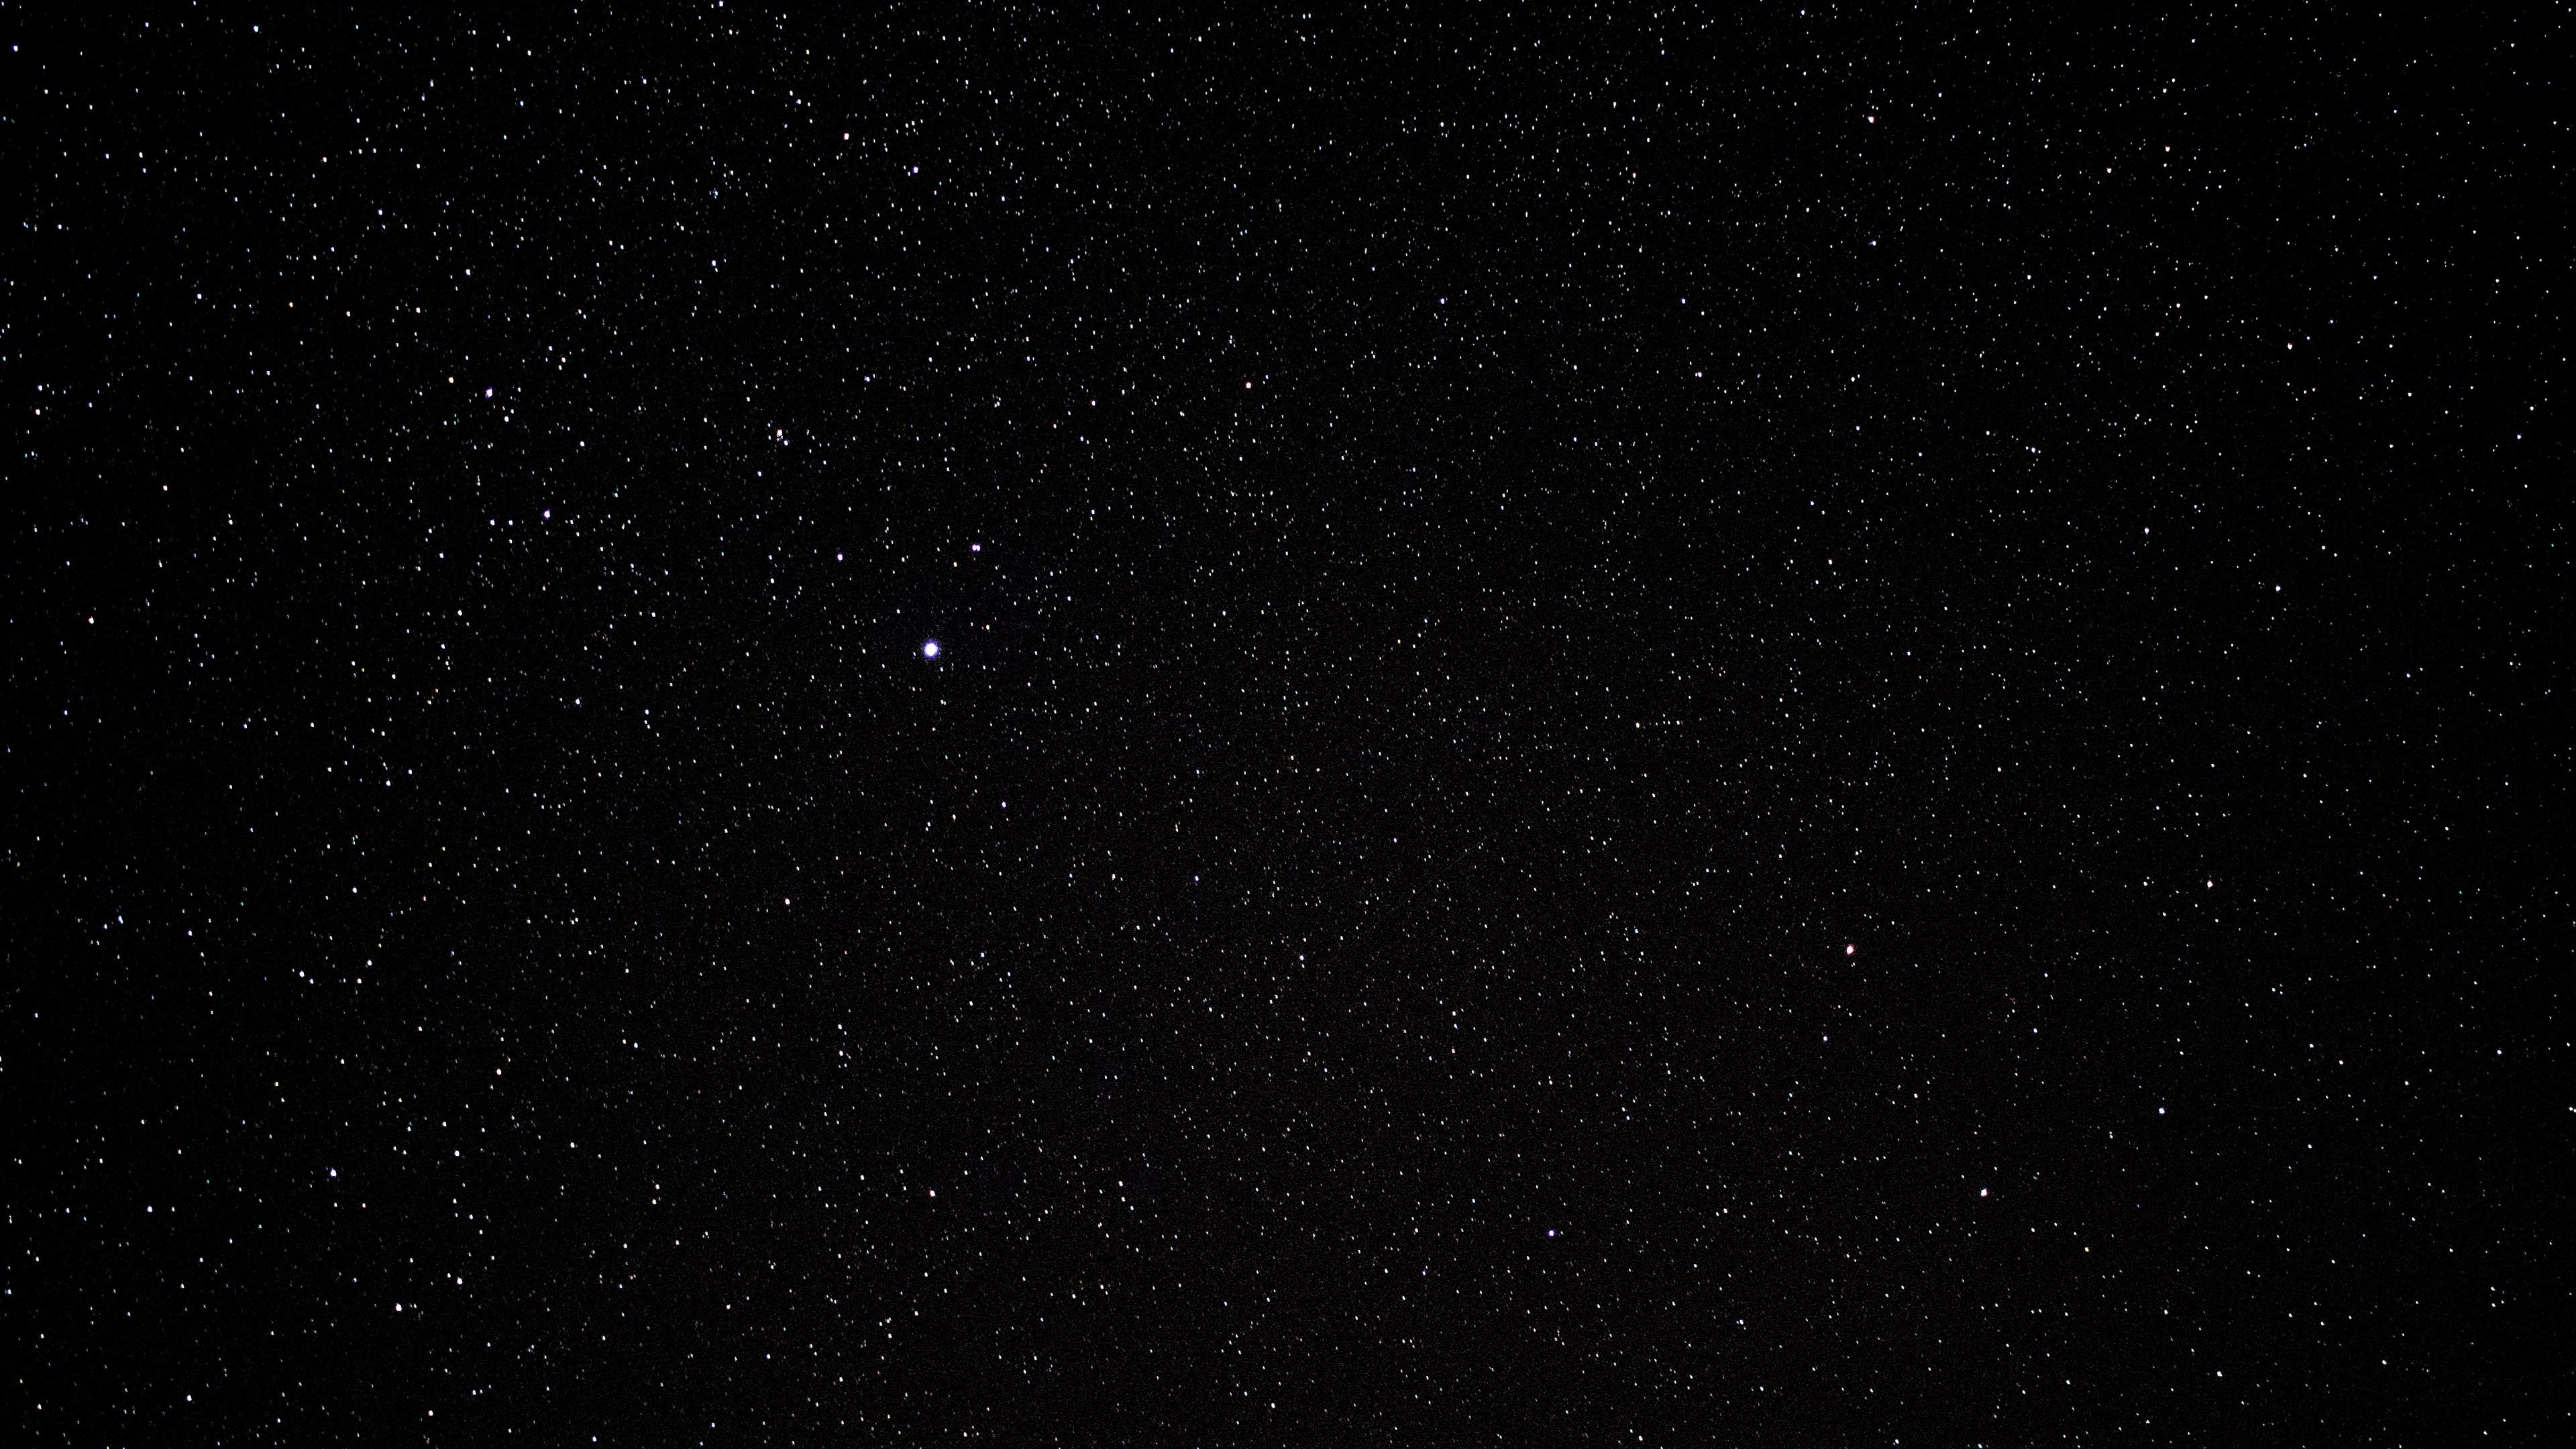 starry sky stars black glitter 4k 1536013841 - starry sky, stars, black, glitter 4k - Stars, starry sky, Black